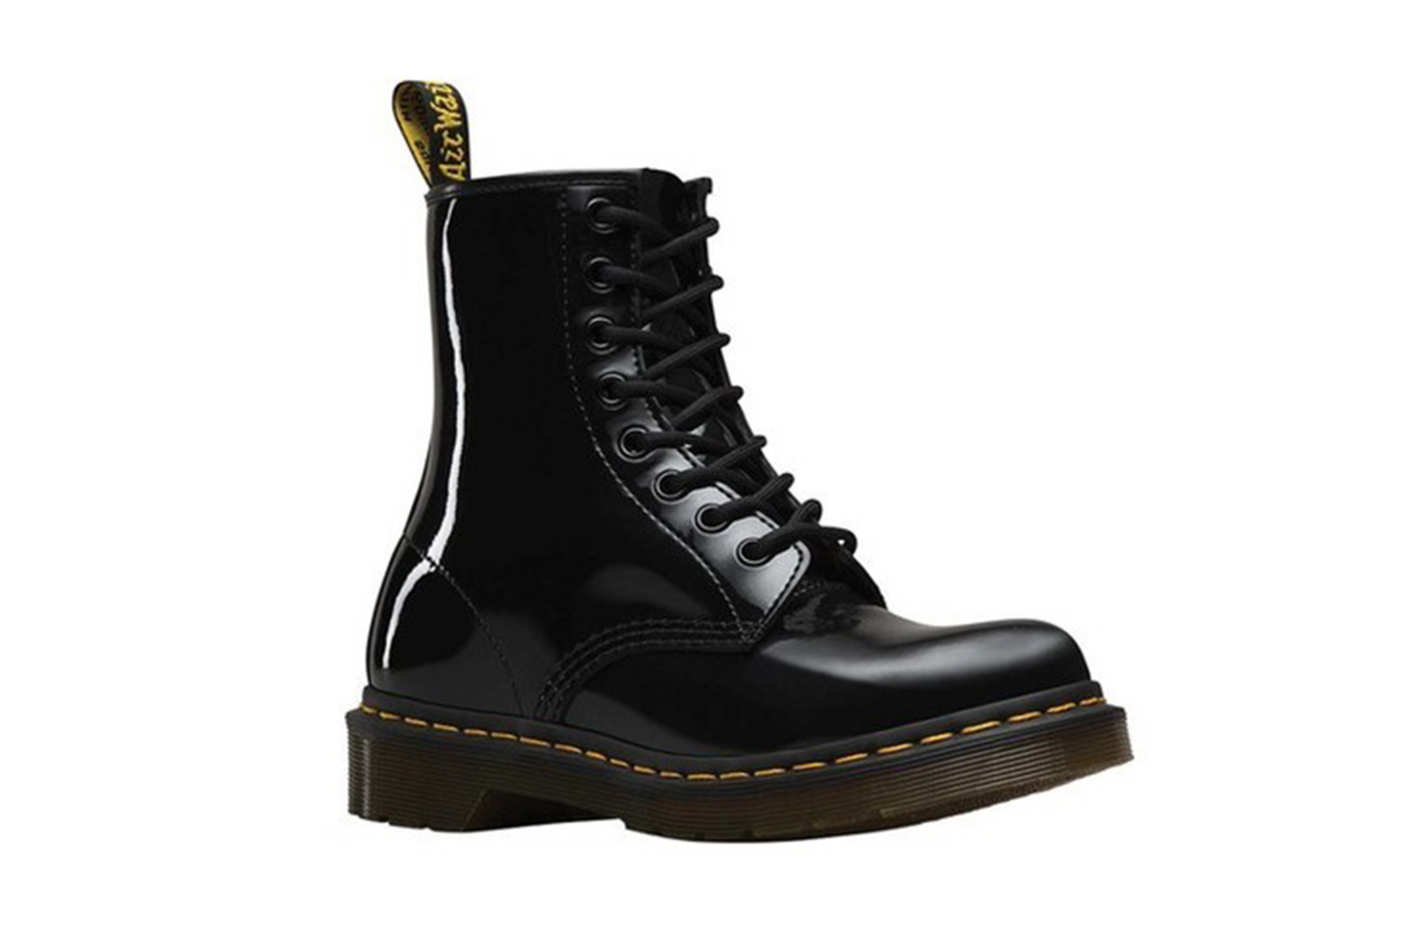 Dr. Martens Men's 1460 8-Eye Boot